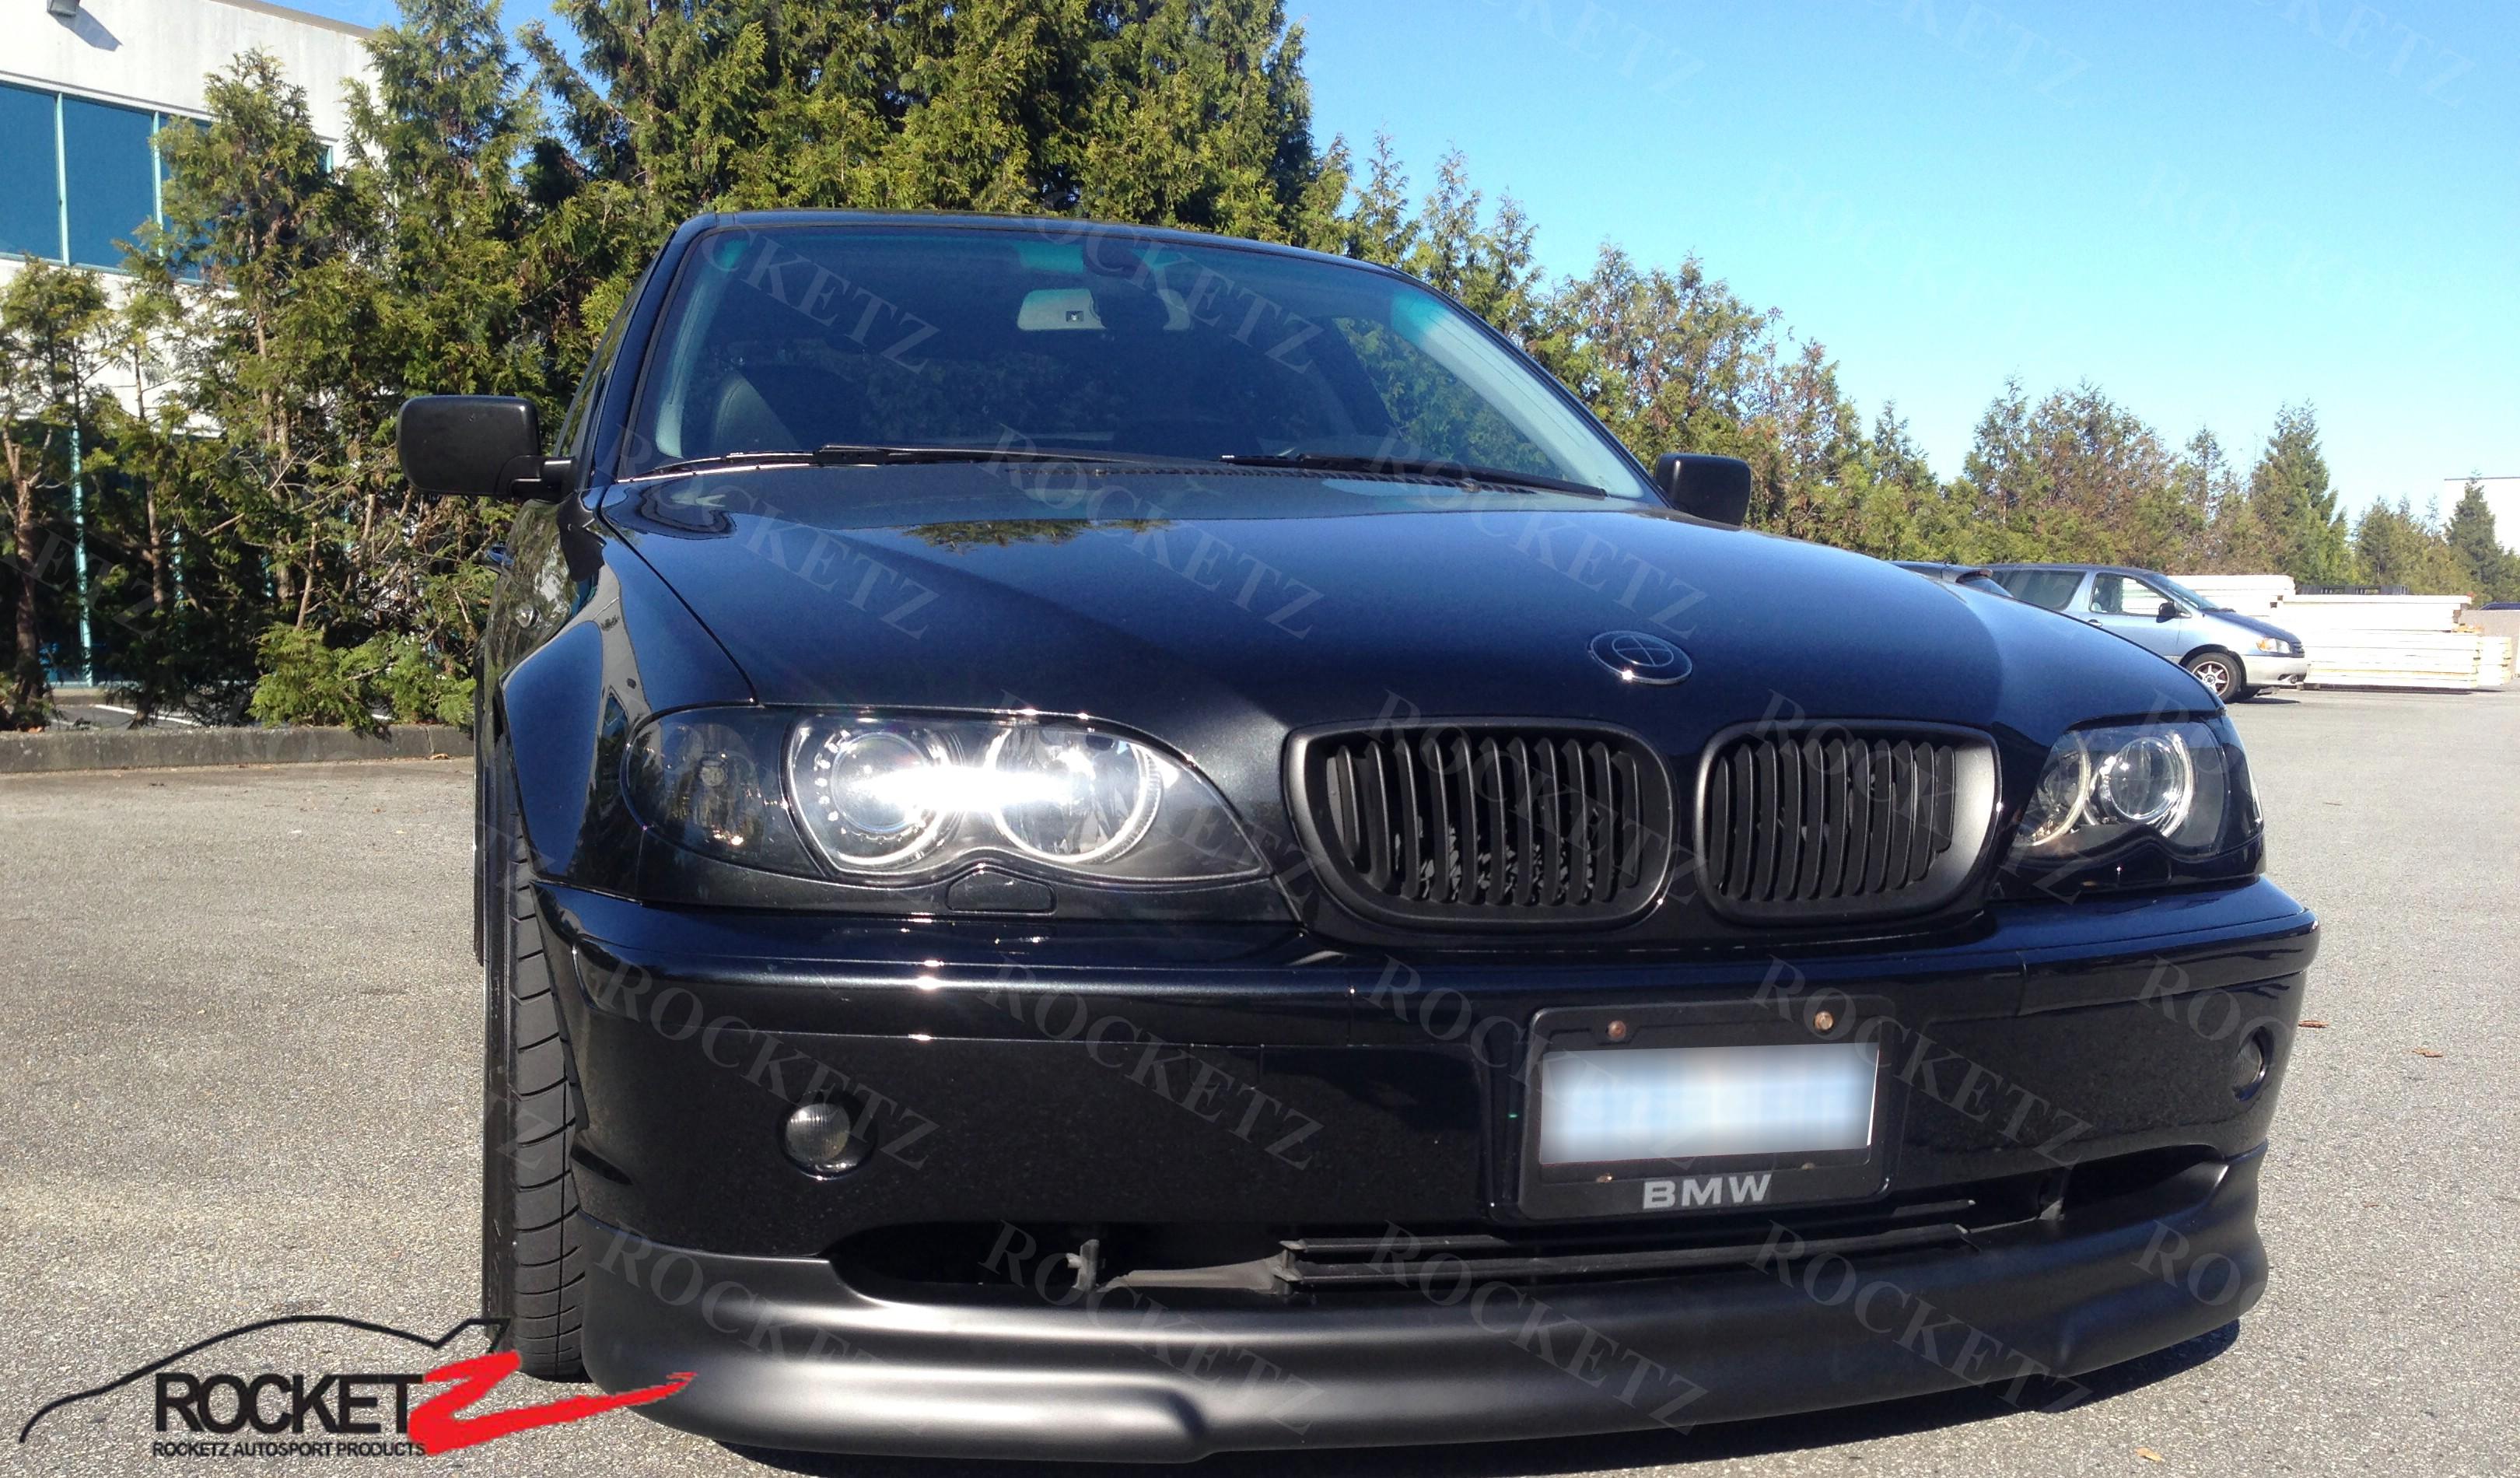 Bmw E46 03 05 Hm Style Front Lip 4d